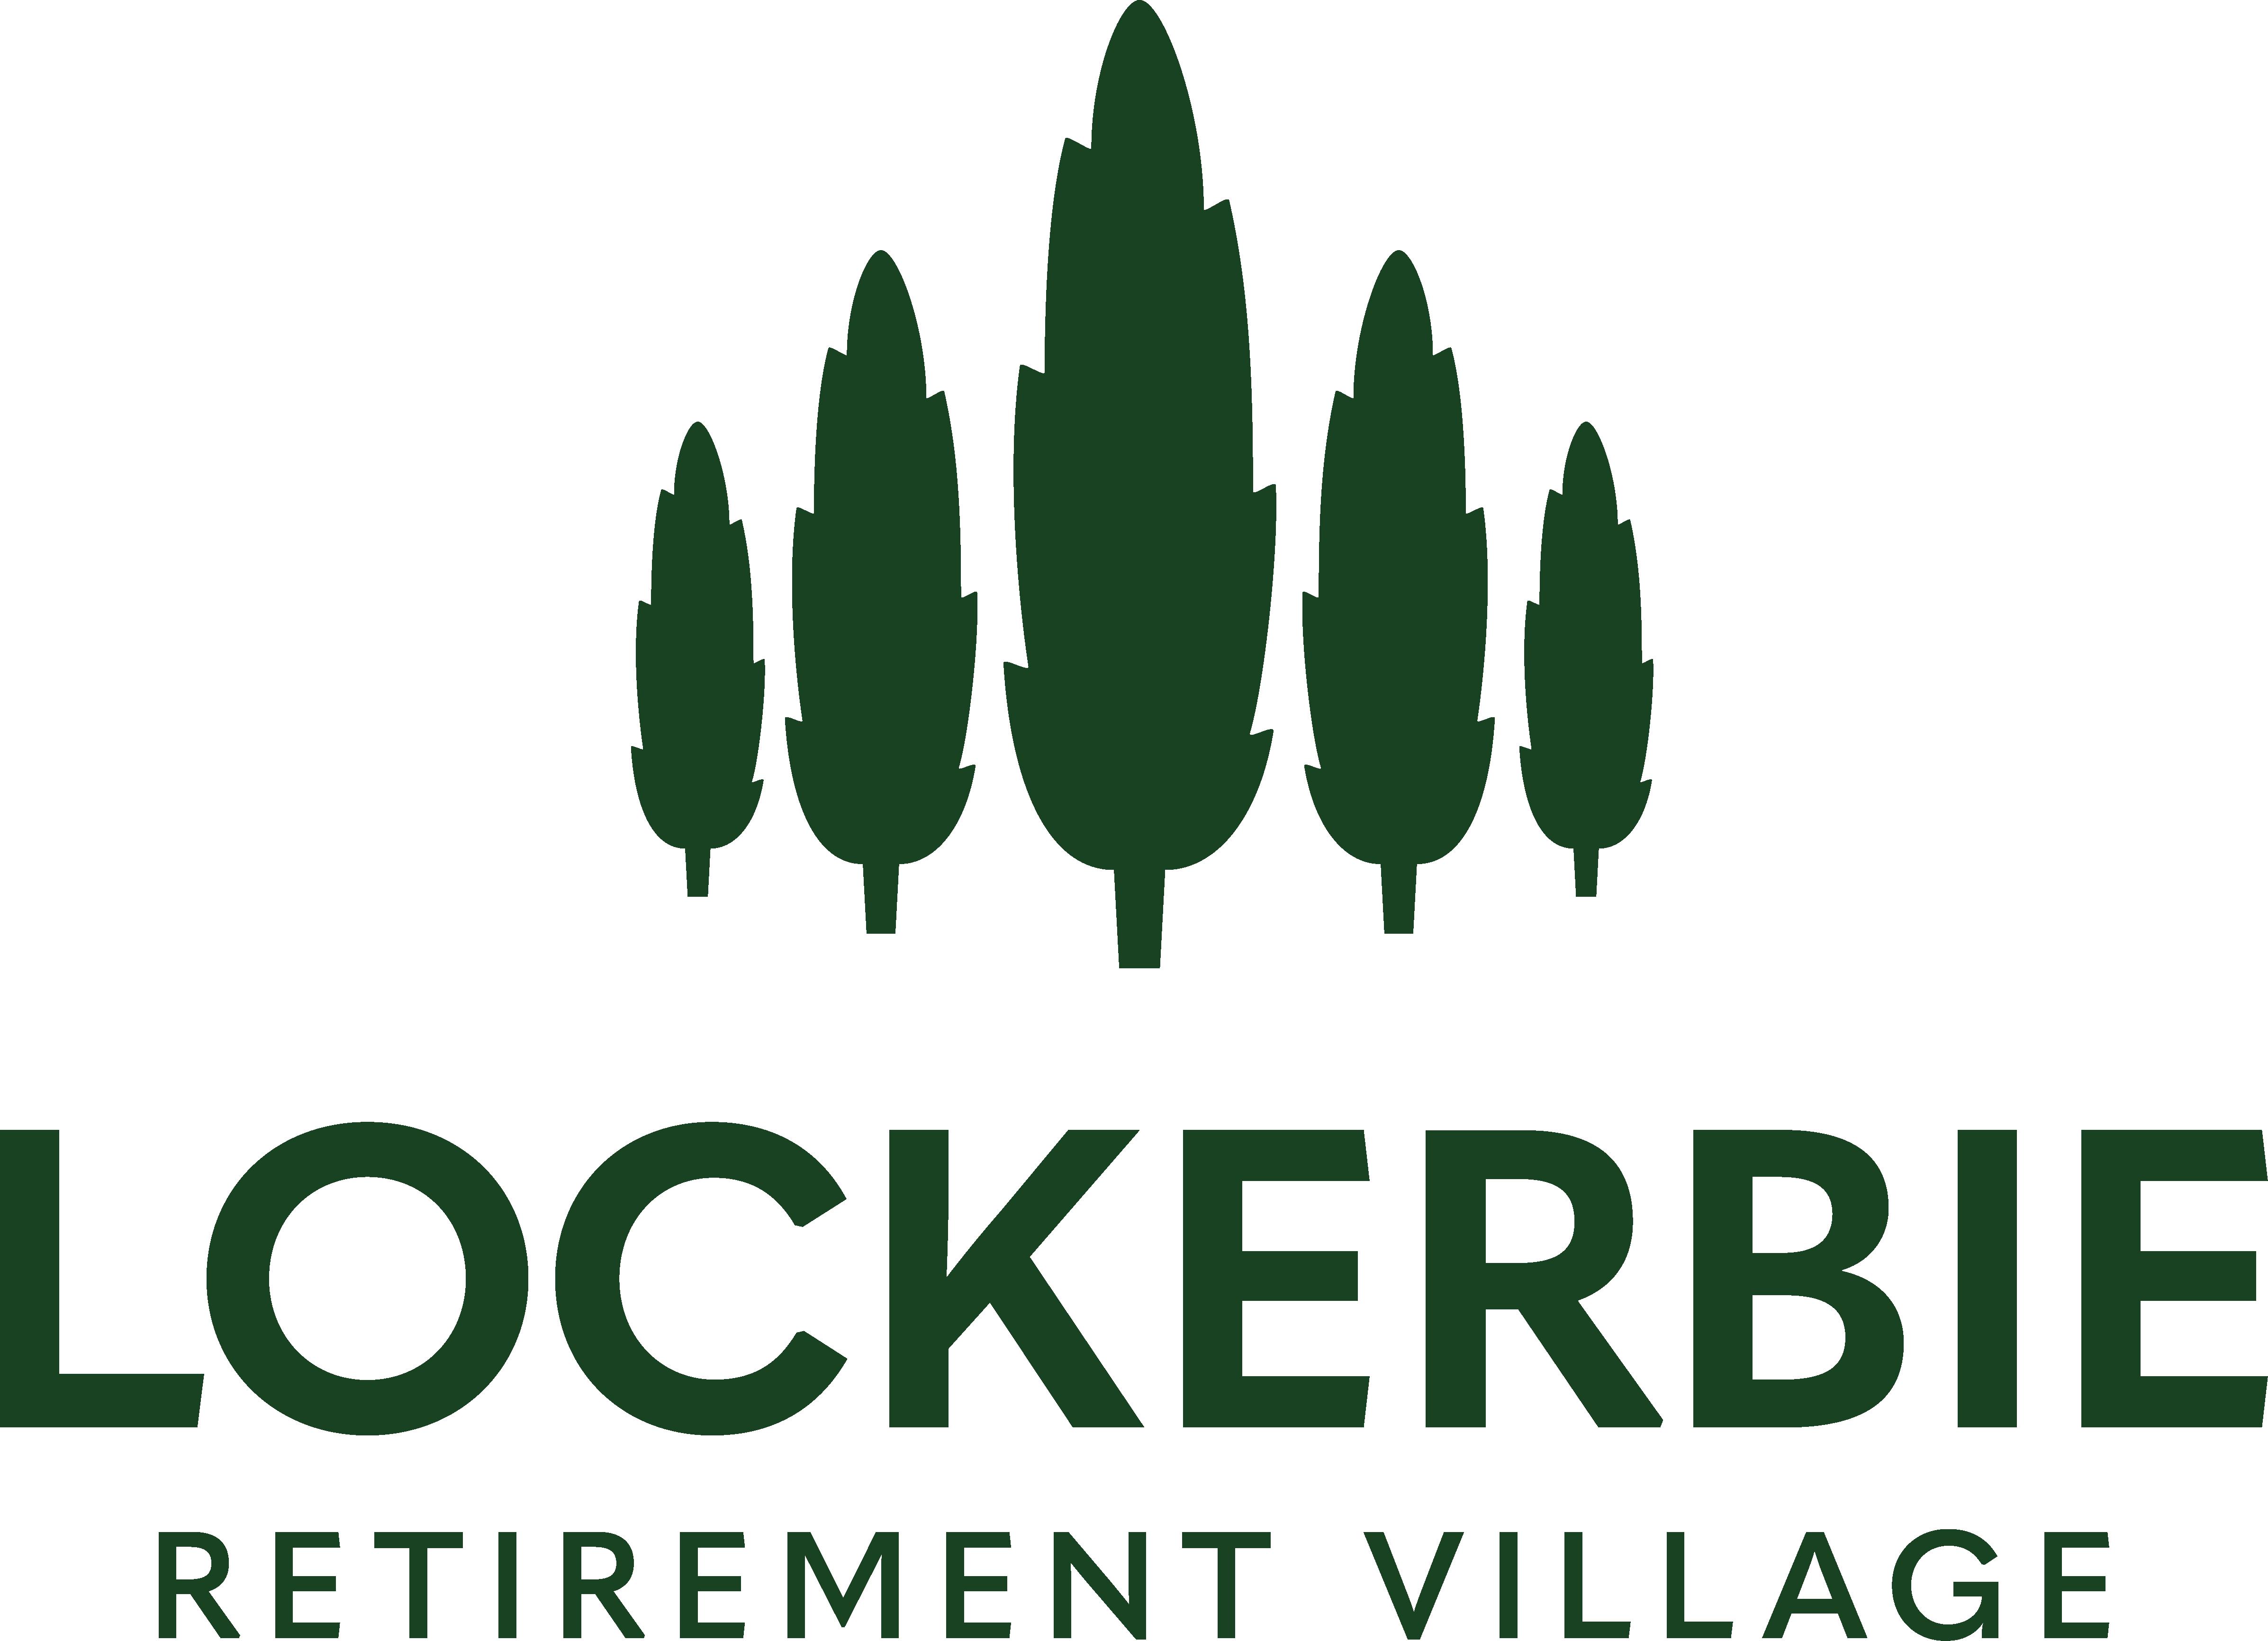 Lockerbie Retirement Village logo